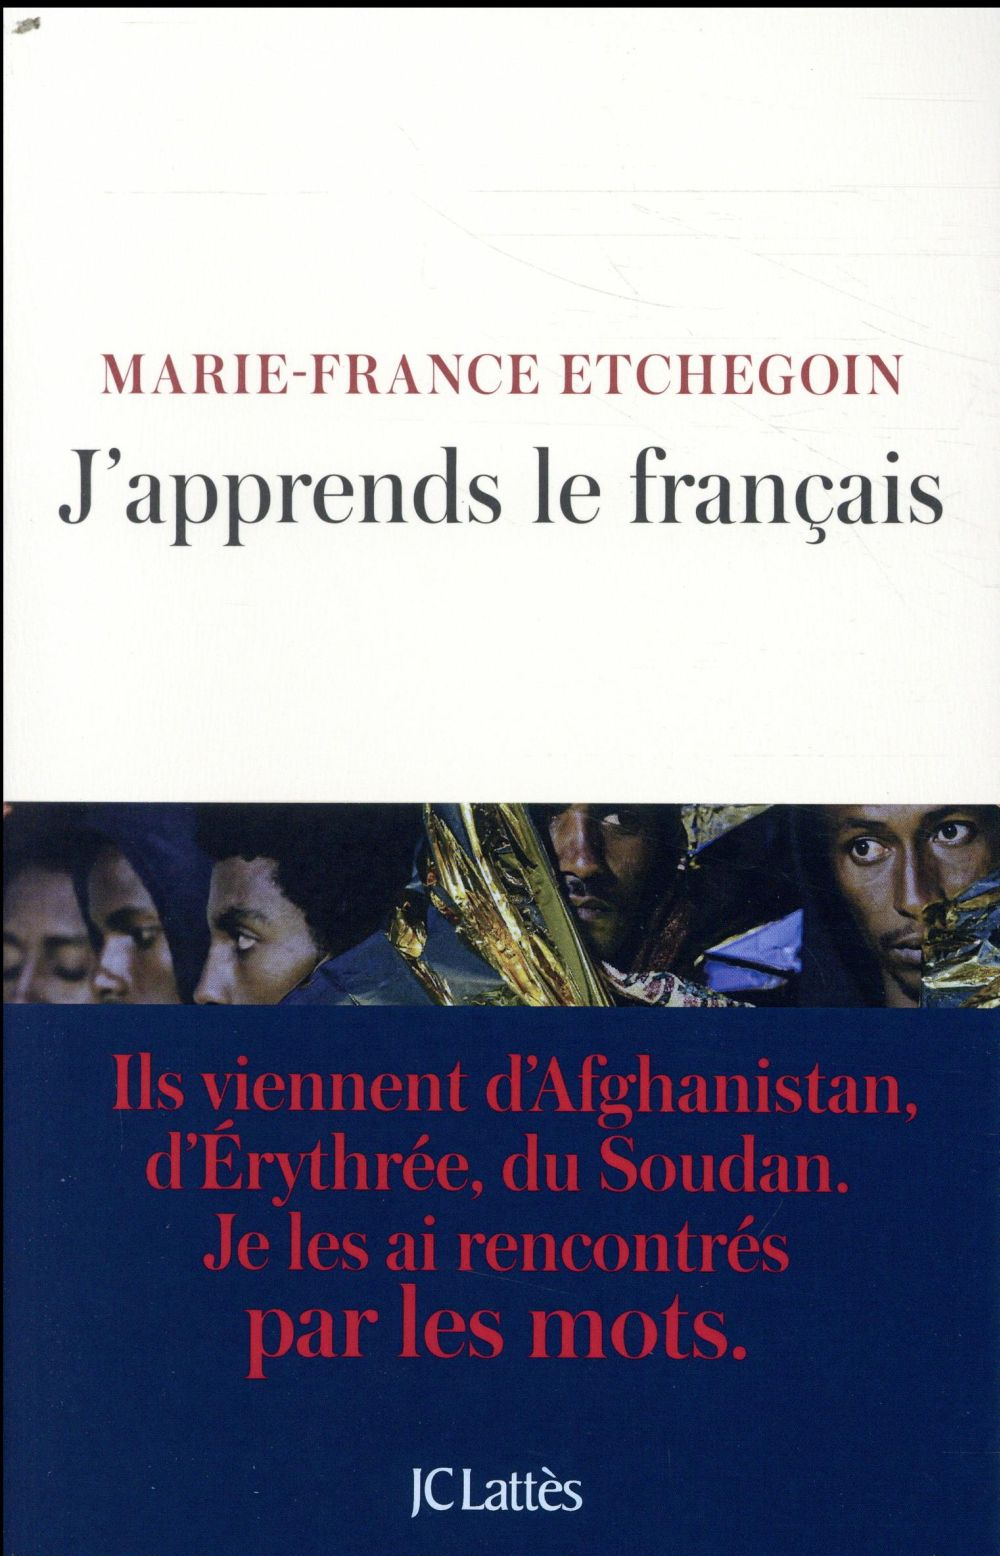 J'apprends le francais